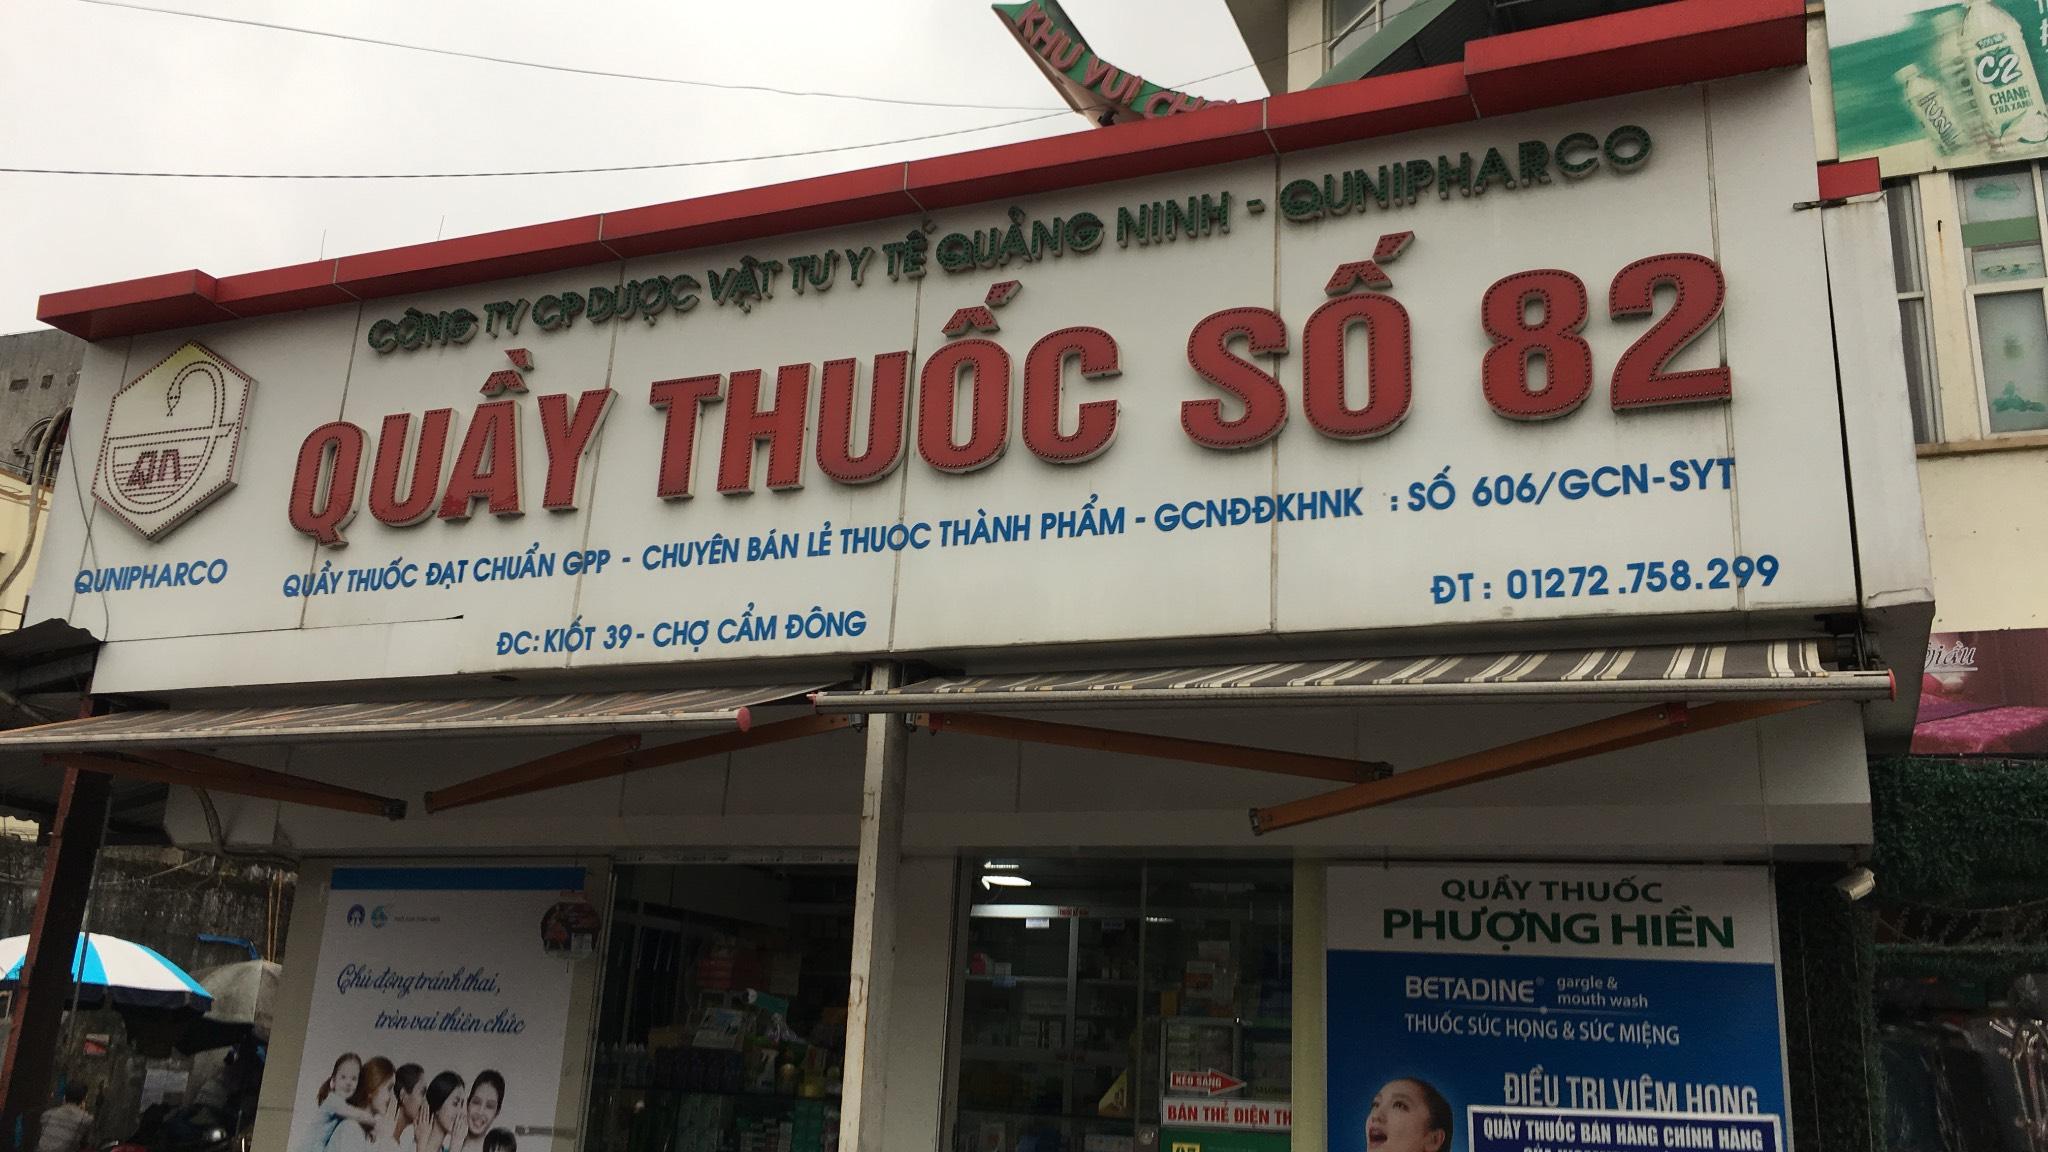 Công ty Cổ phần Dược vật tư Y tế Quảng Ninh - Quầy thuốc số 82